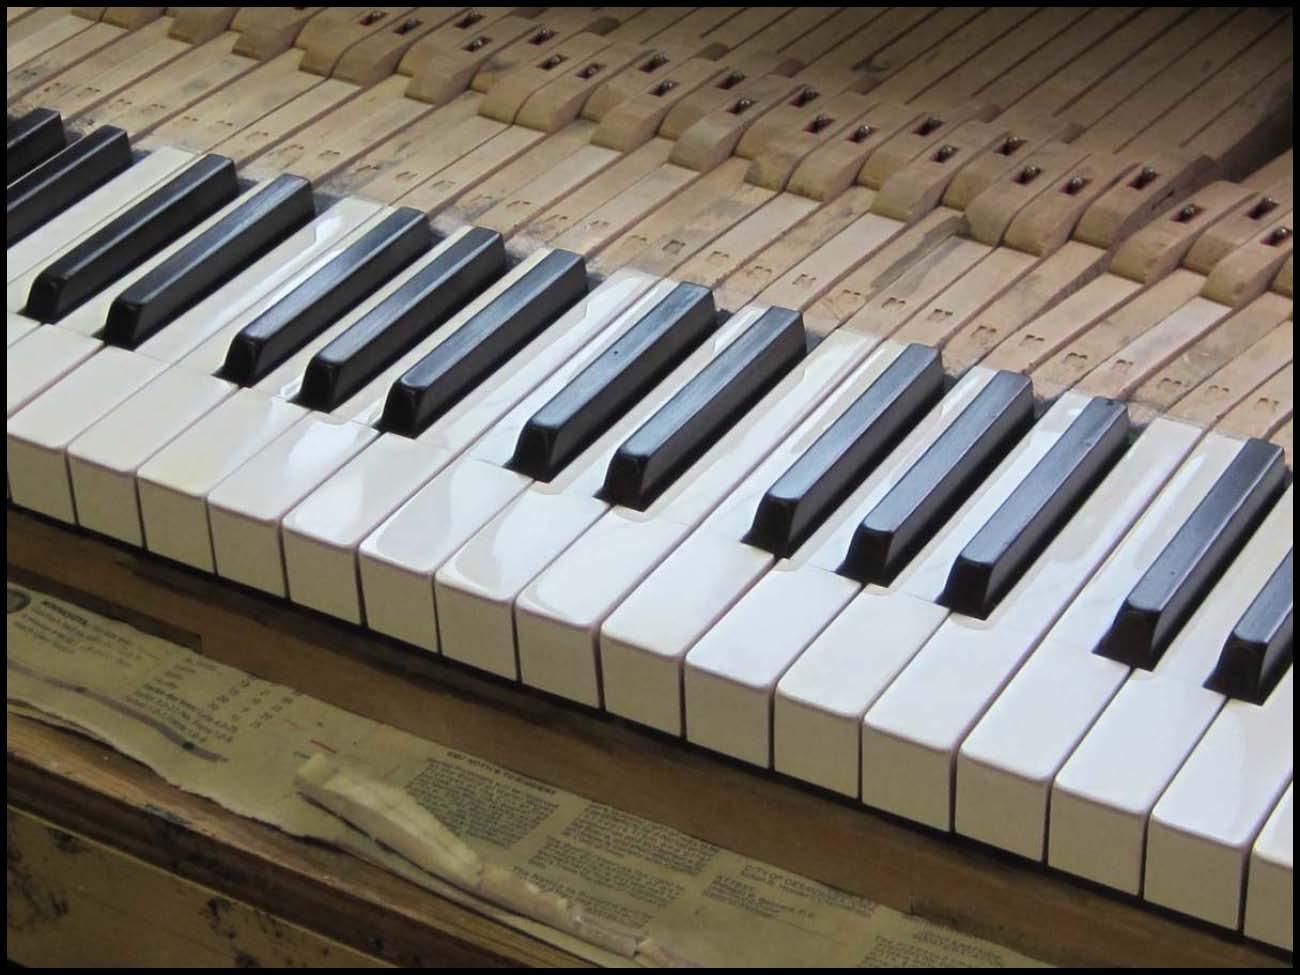 Promo 3 - Ivory Keytop .unlocked_img_6